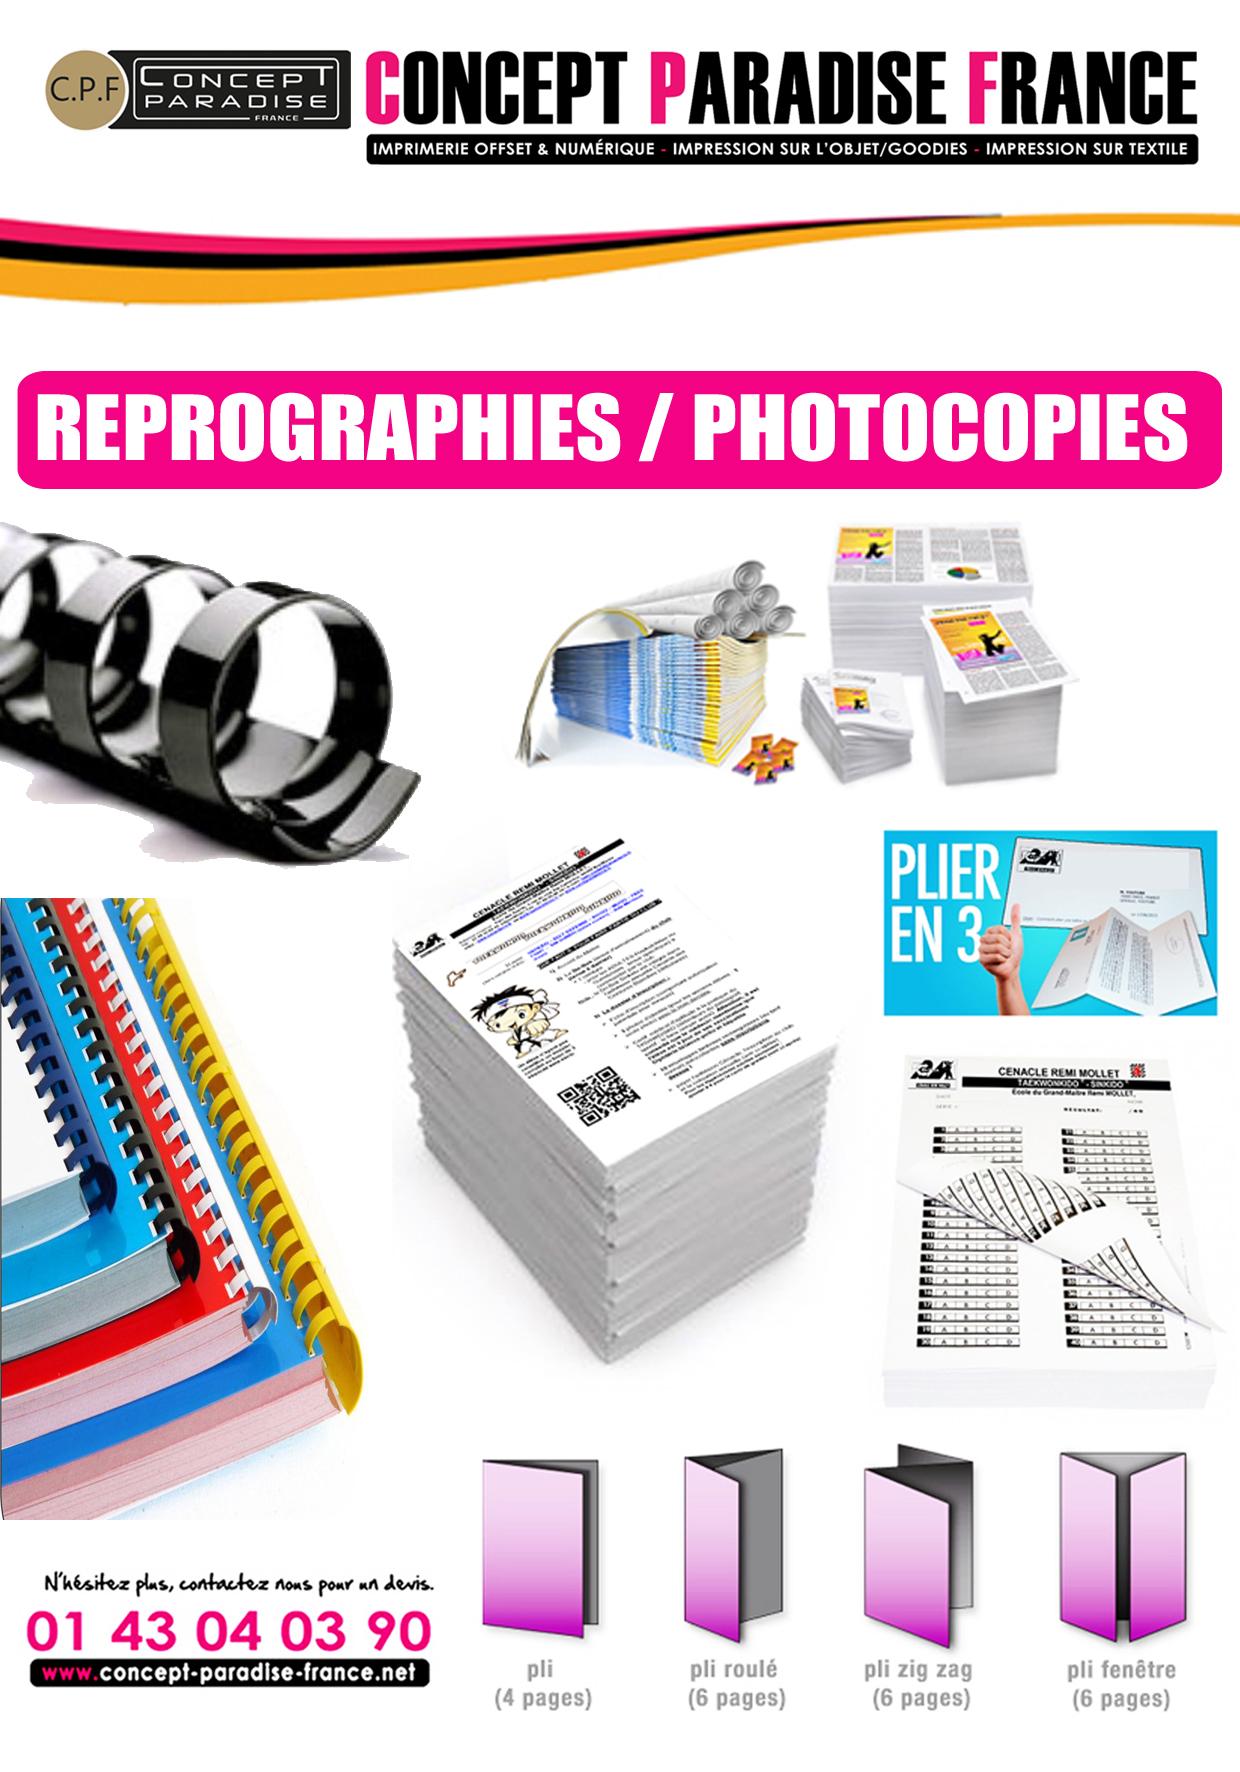 Reprographies / Photocopies